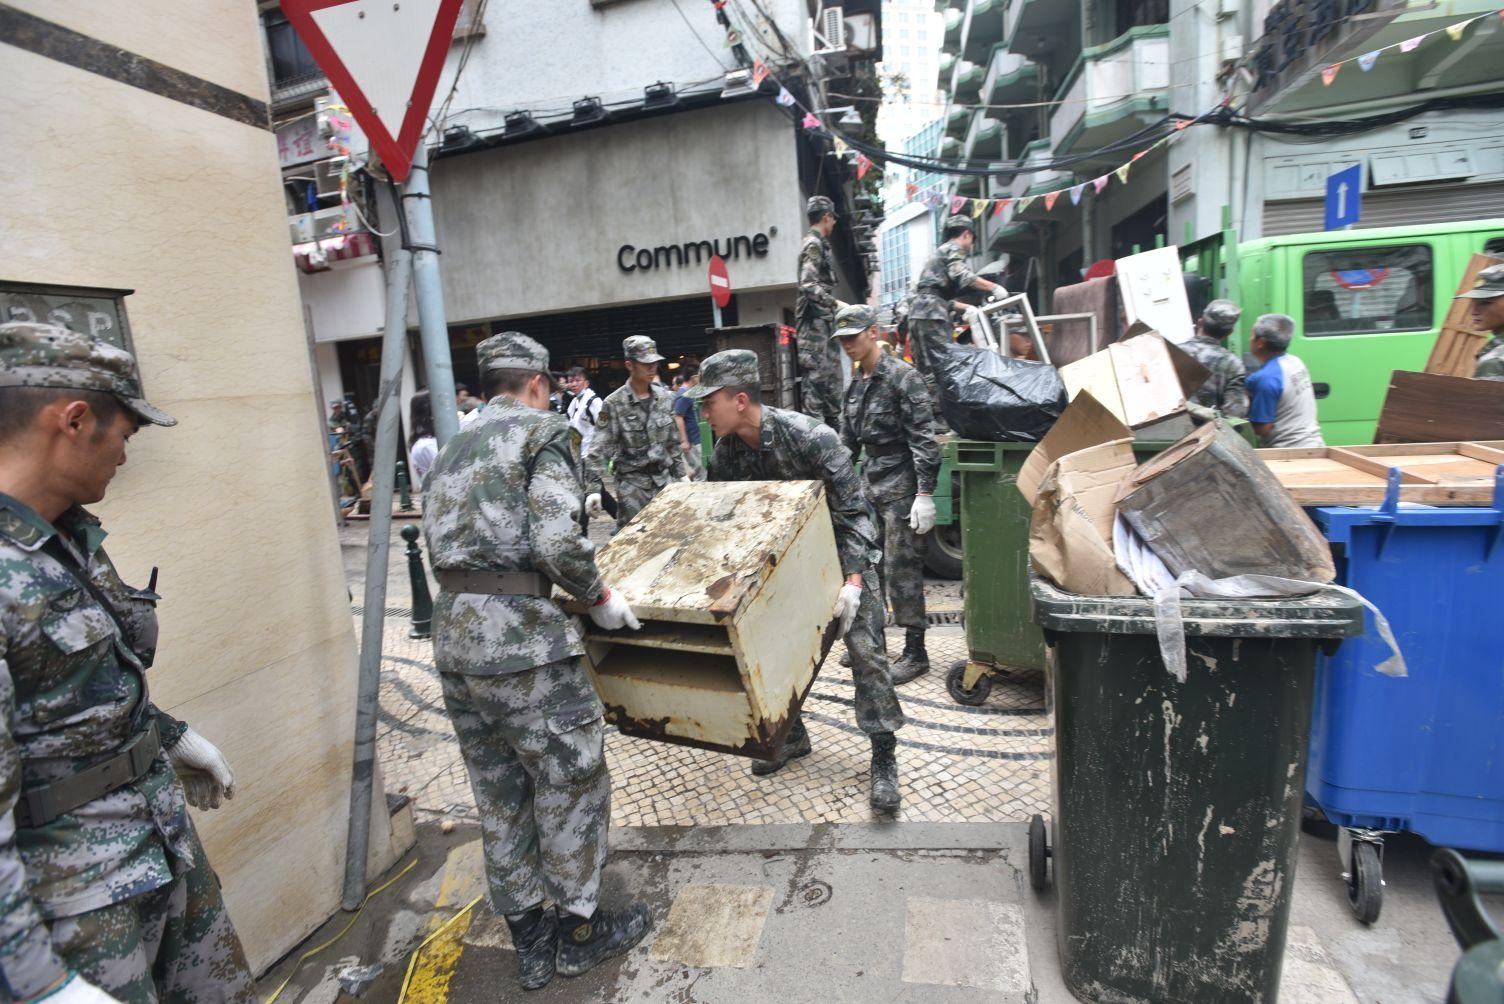 多名軍人幫忙清理並搬走垃圾。楊偉亨攝